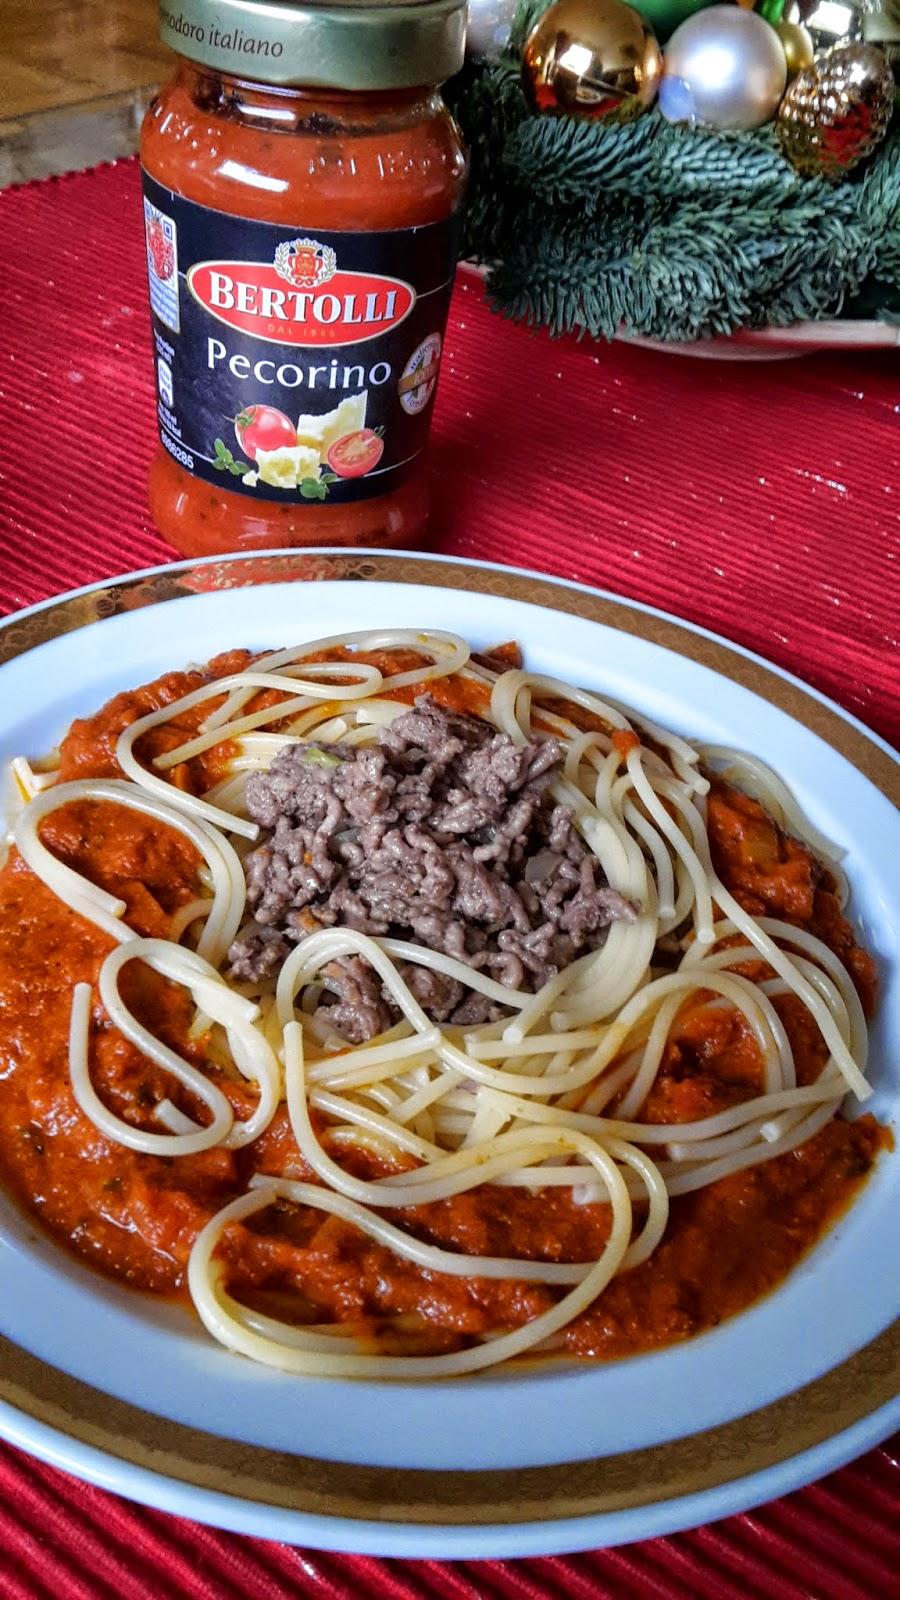 Pastasauce Bertolli Pecorino